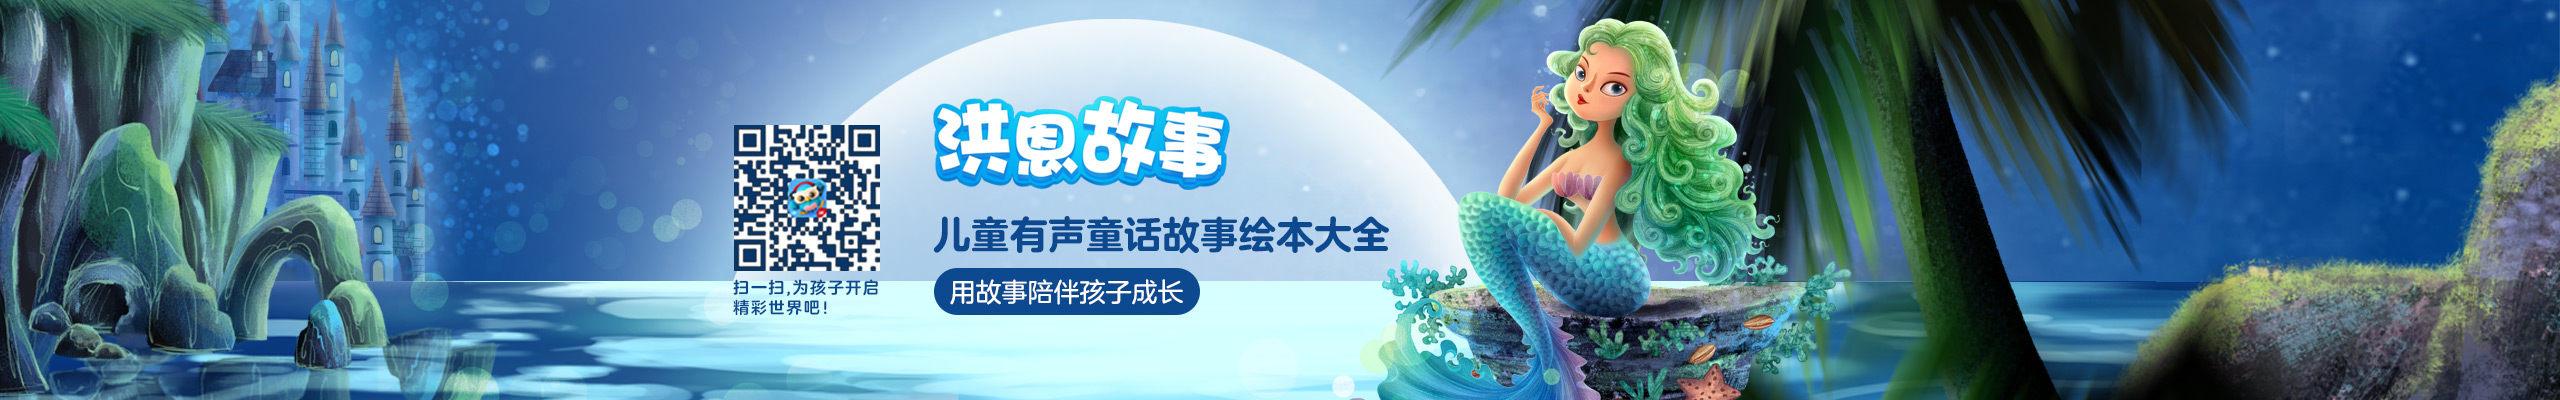 洪恩故事 App